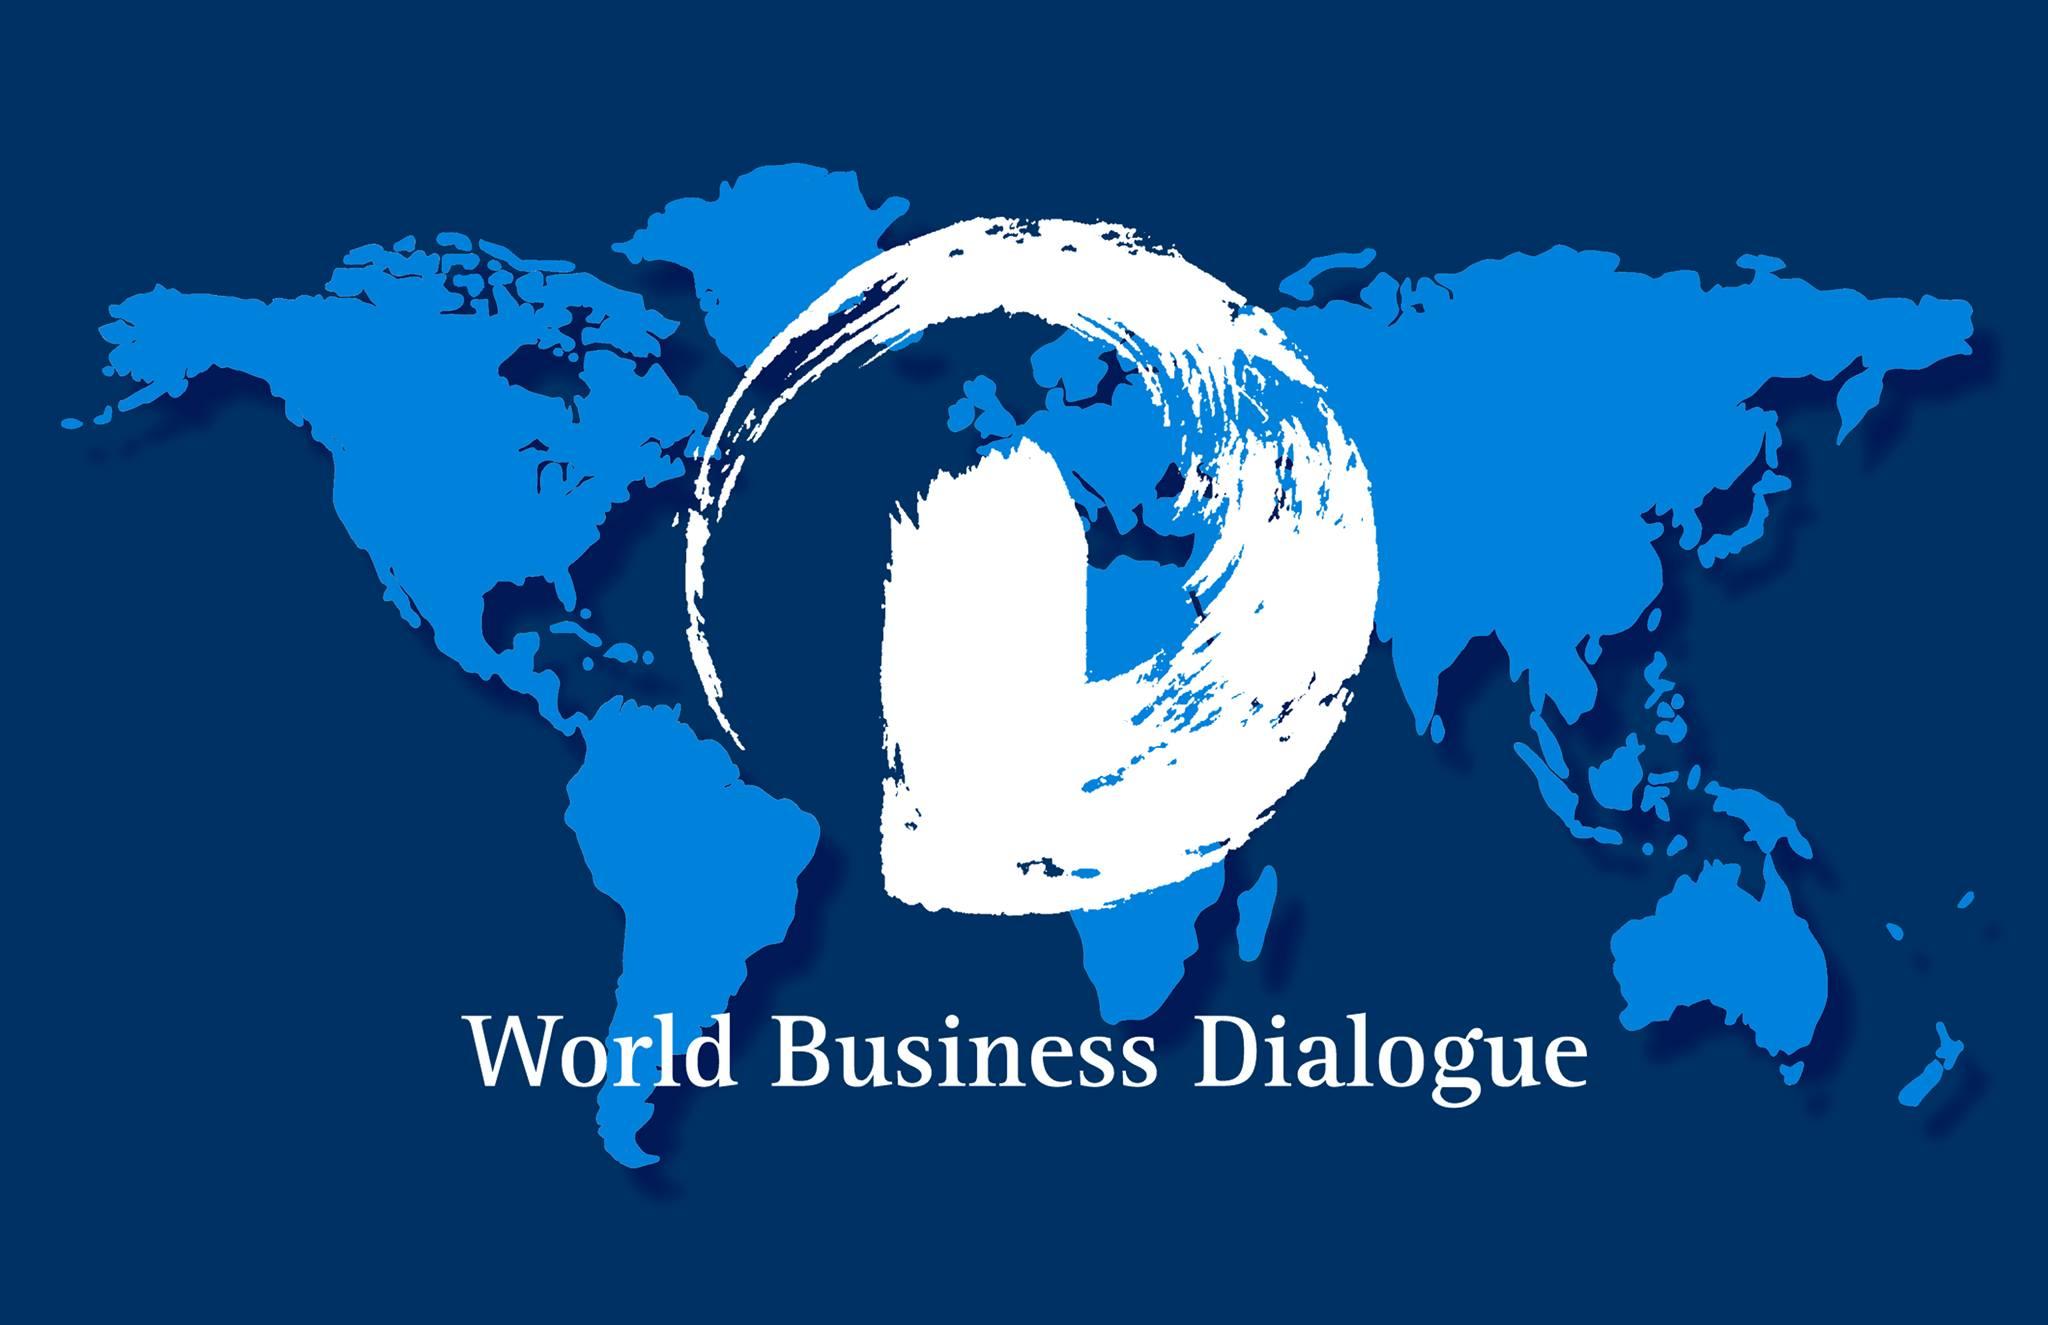 world-business-dialogue-program-2014